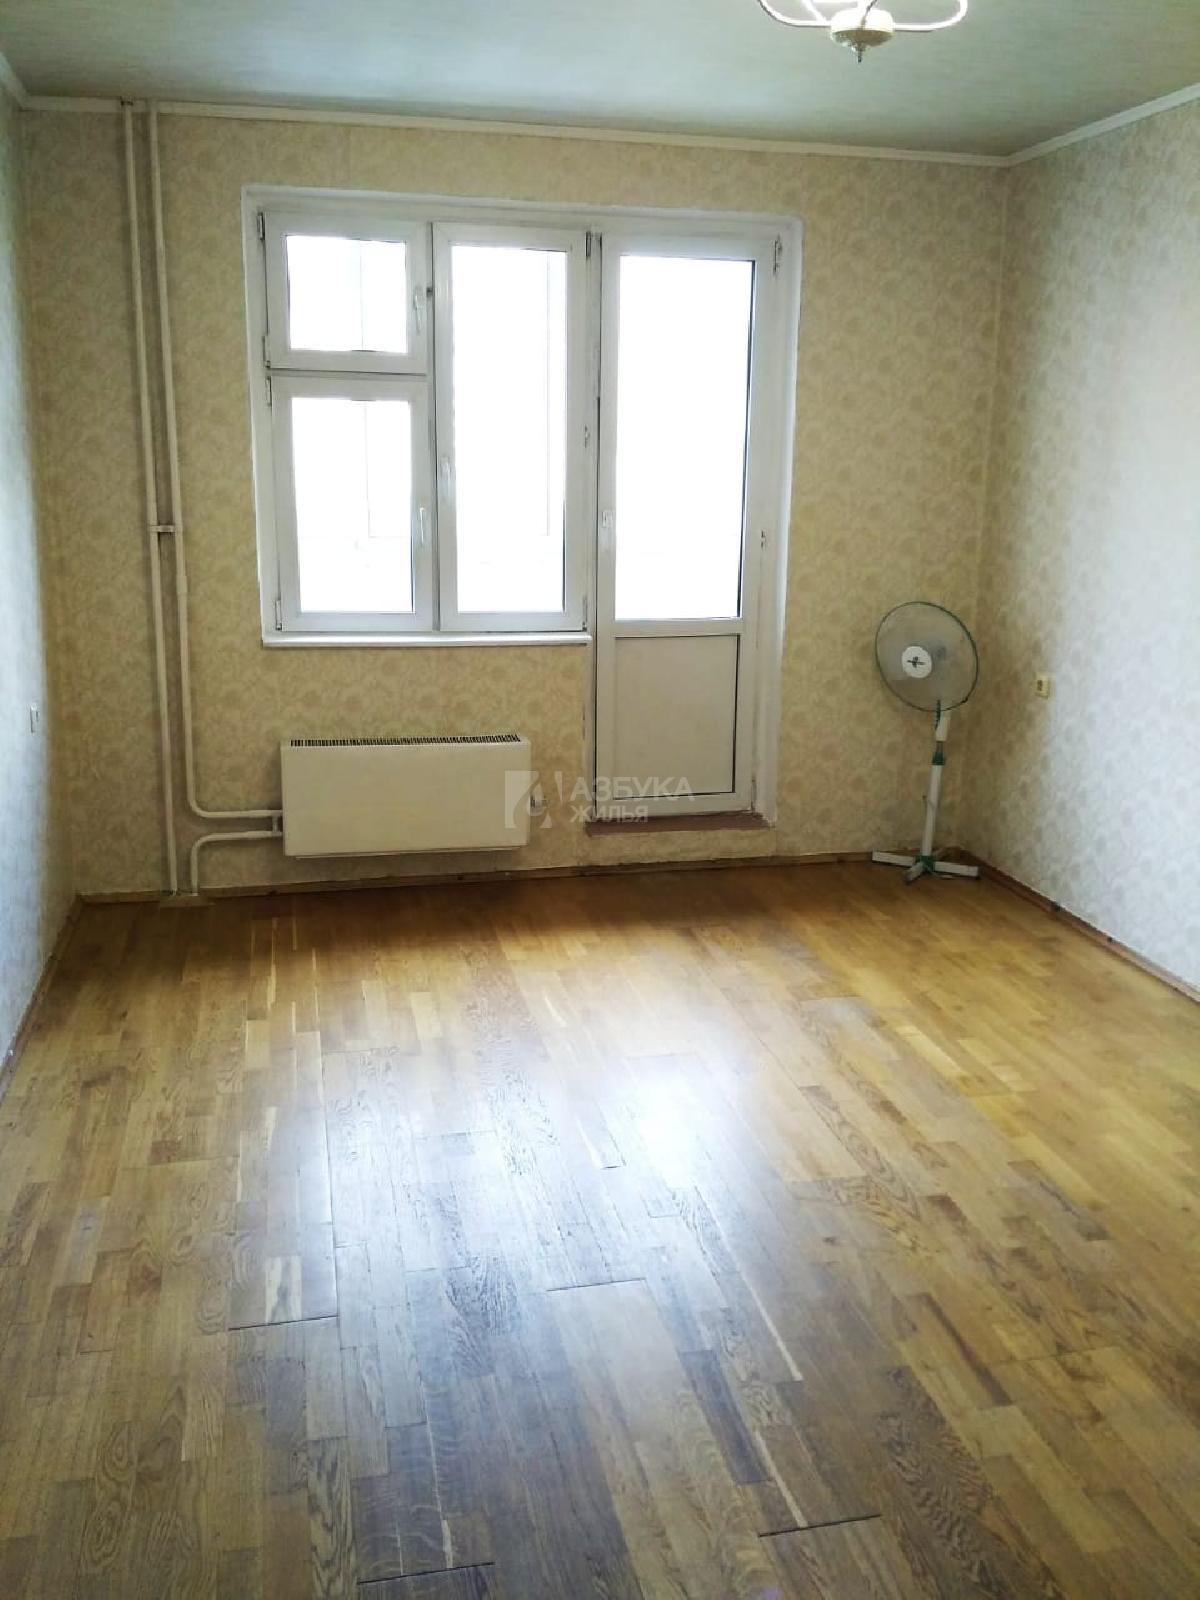 Фото №1 - 2-комнатная квартира, Москва, Краснодарская улица 72 корпус 3, метро Люблино